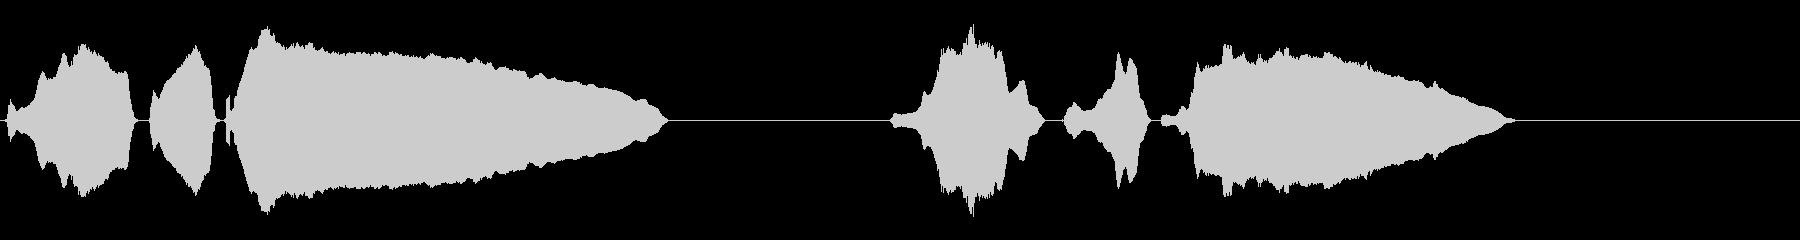 ミュートトランペット-タップ。の未再生の波形